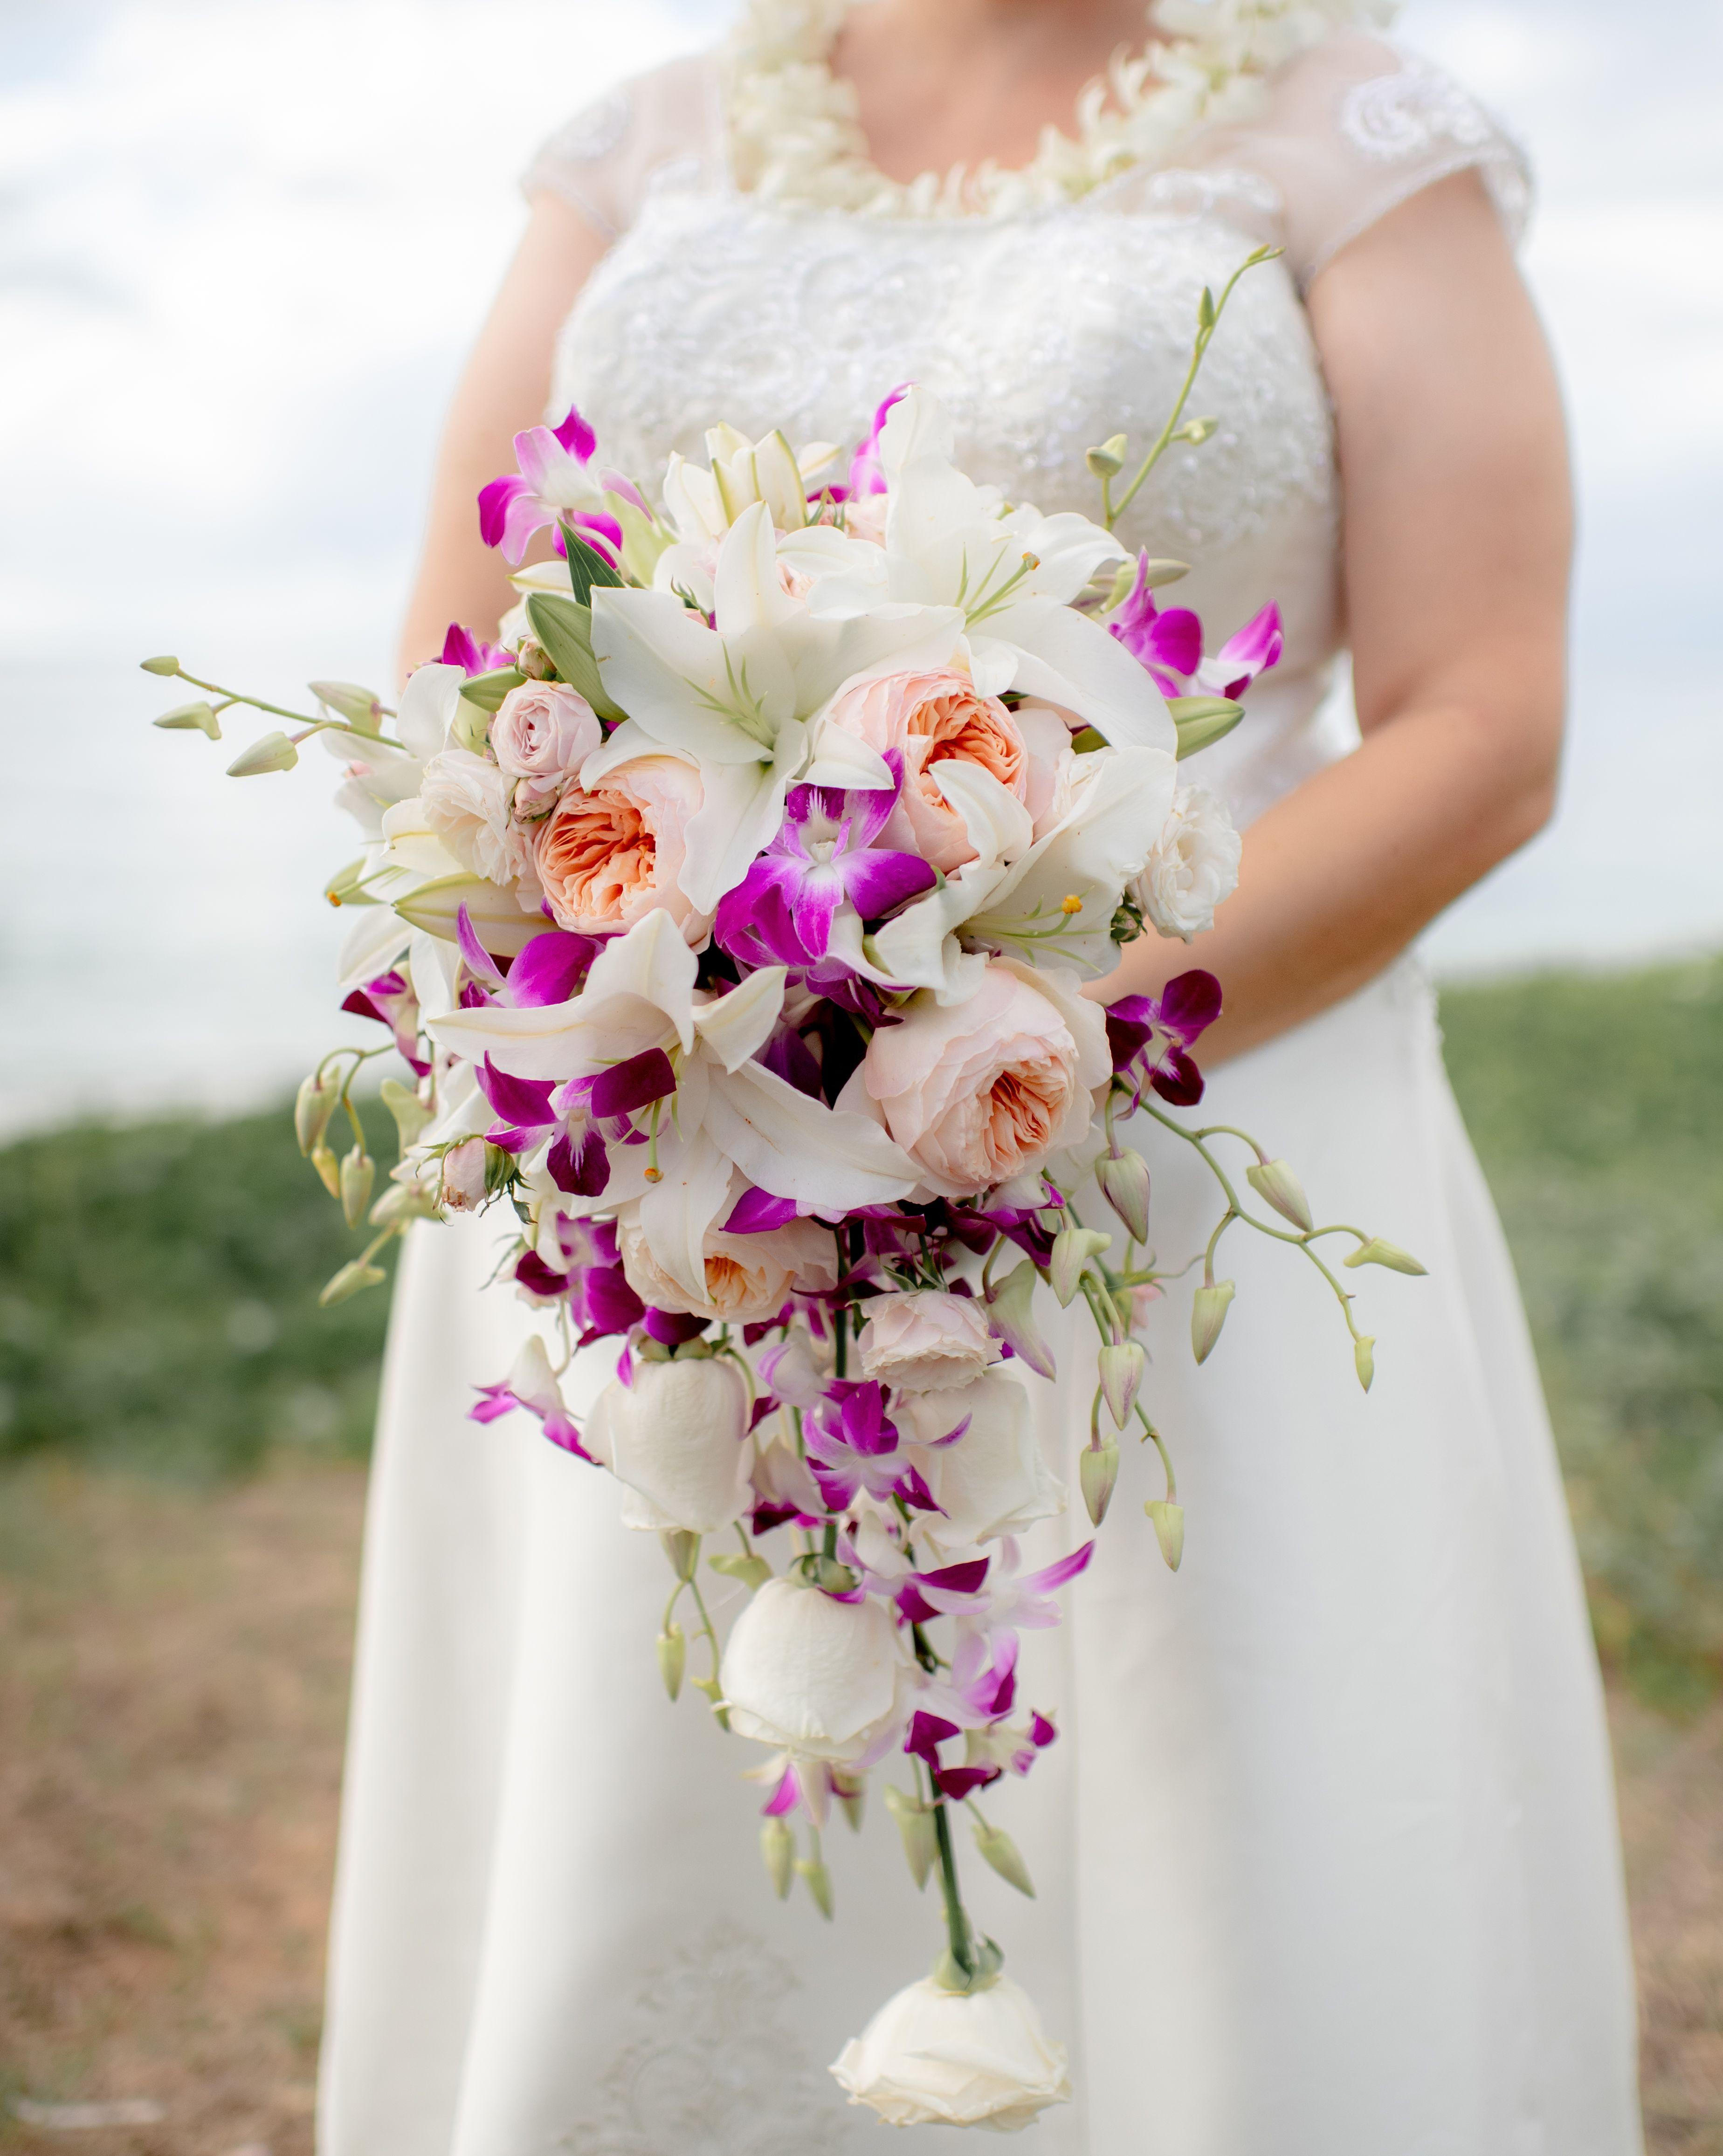 David Austin Roses Eucalyptus Bridal Bouquet White Floral Centerpieces Wedding Bridal Bouquets Bouquet